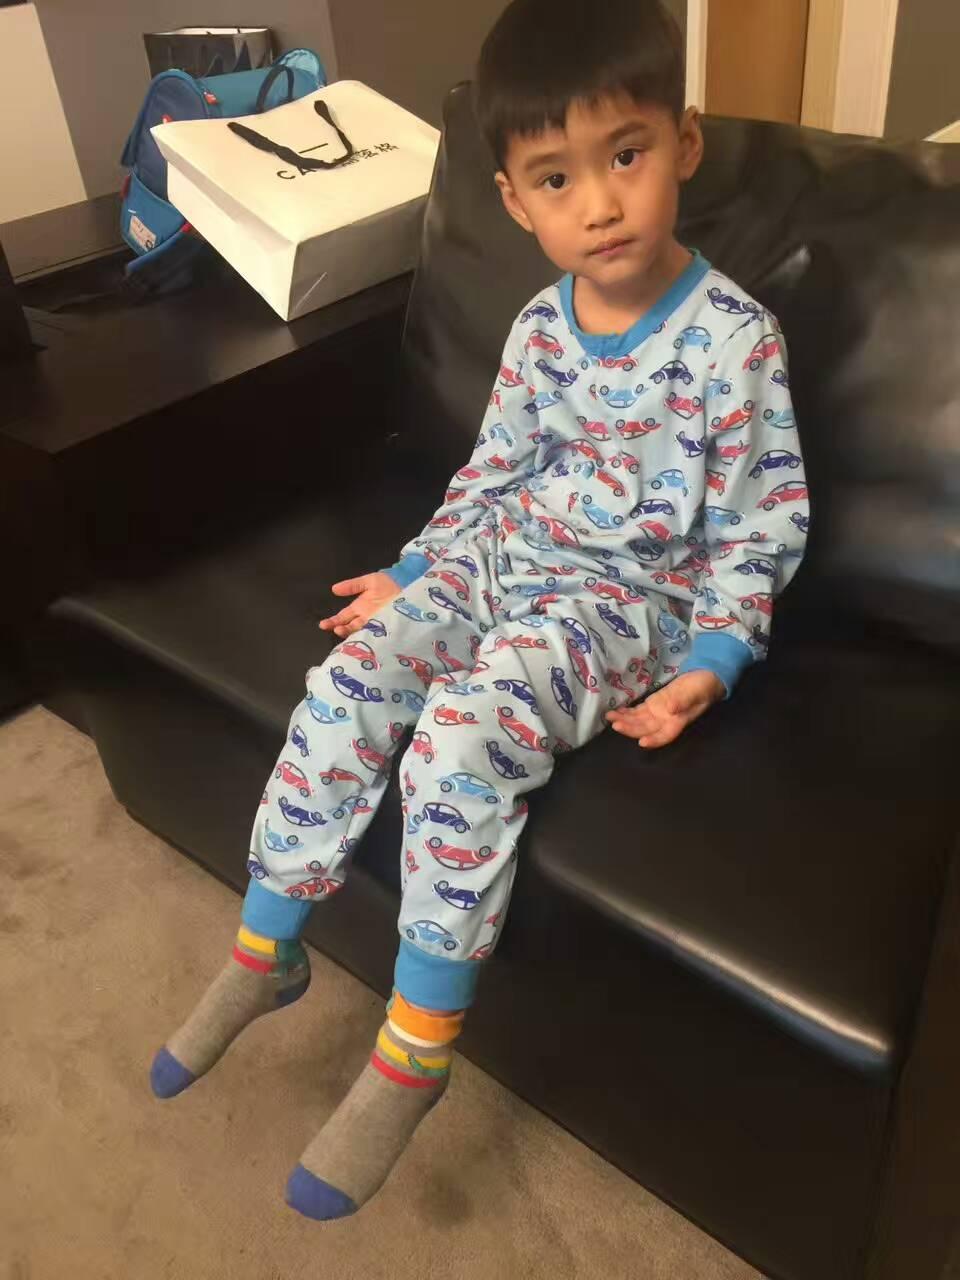 Envío Gratis purekids niños ropa de dormir onepiece manta dormir algodón niños ropa interior general niños pijamas delgados mono